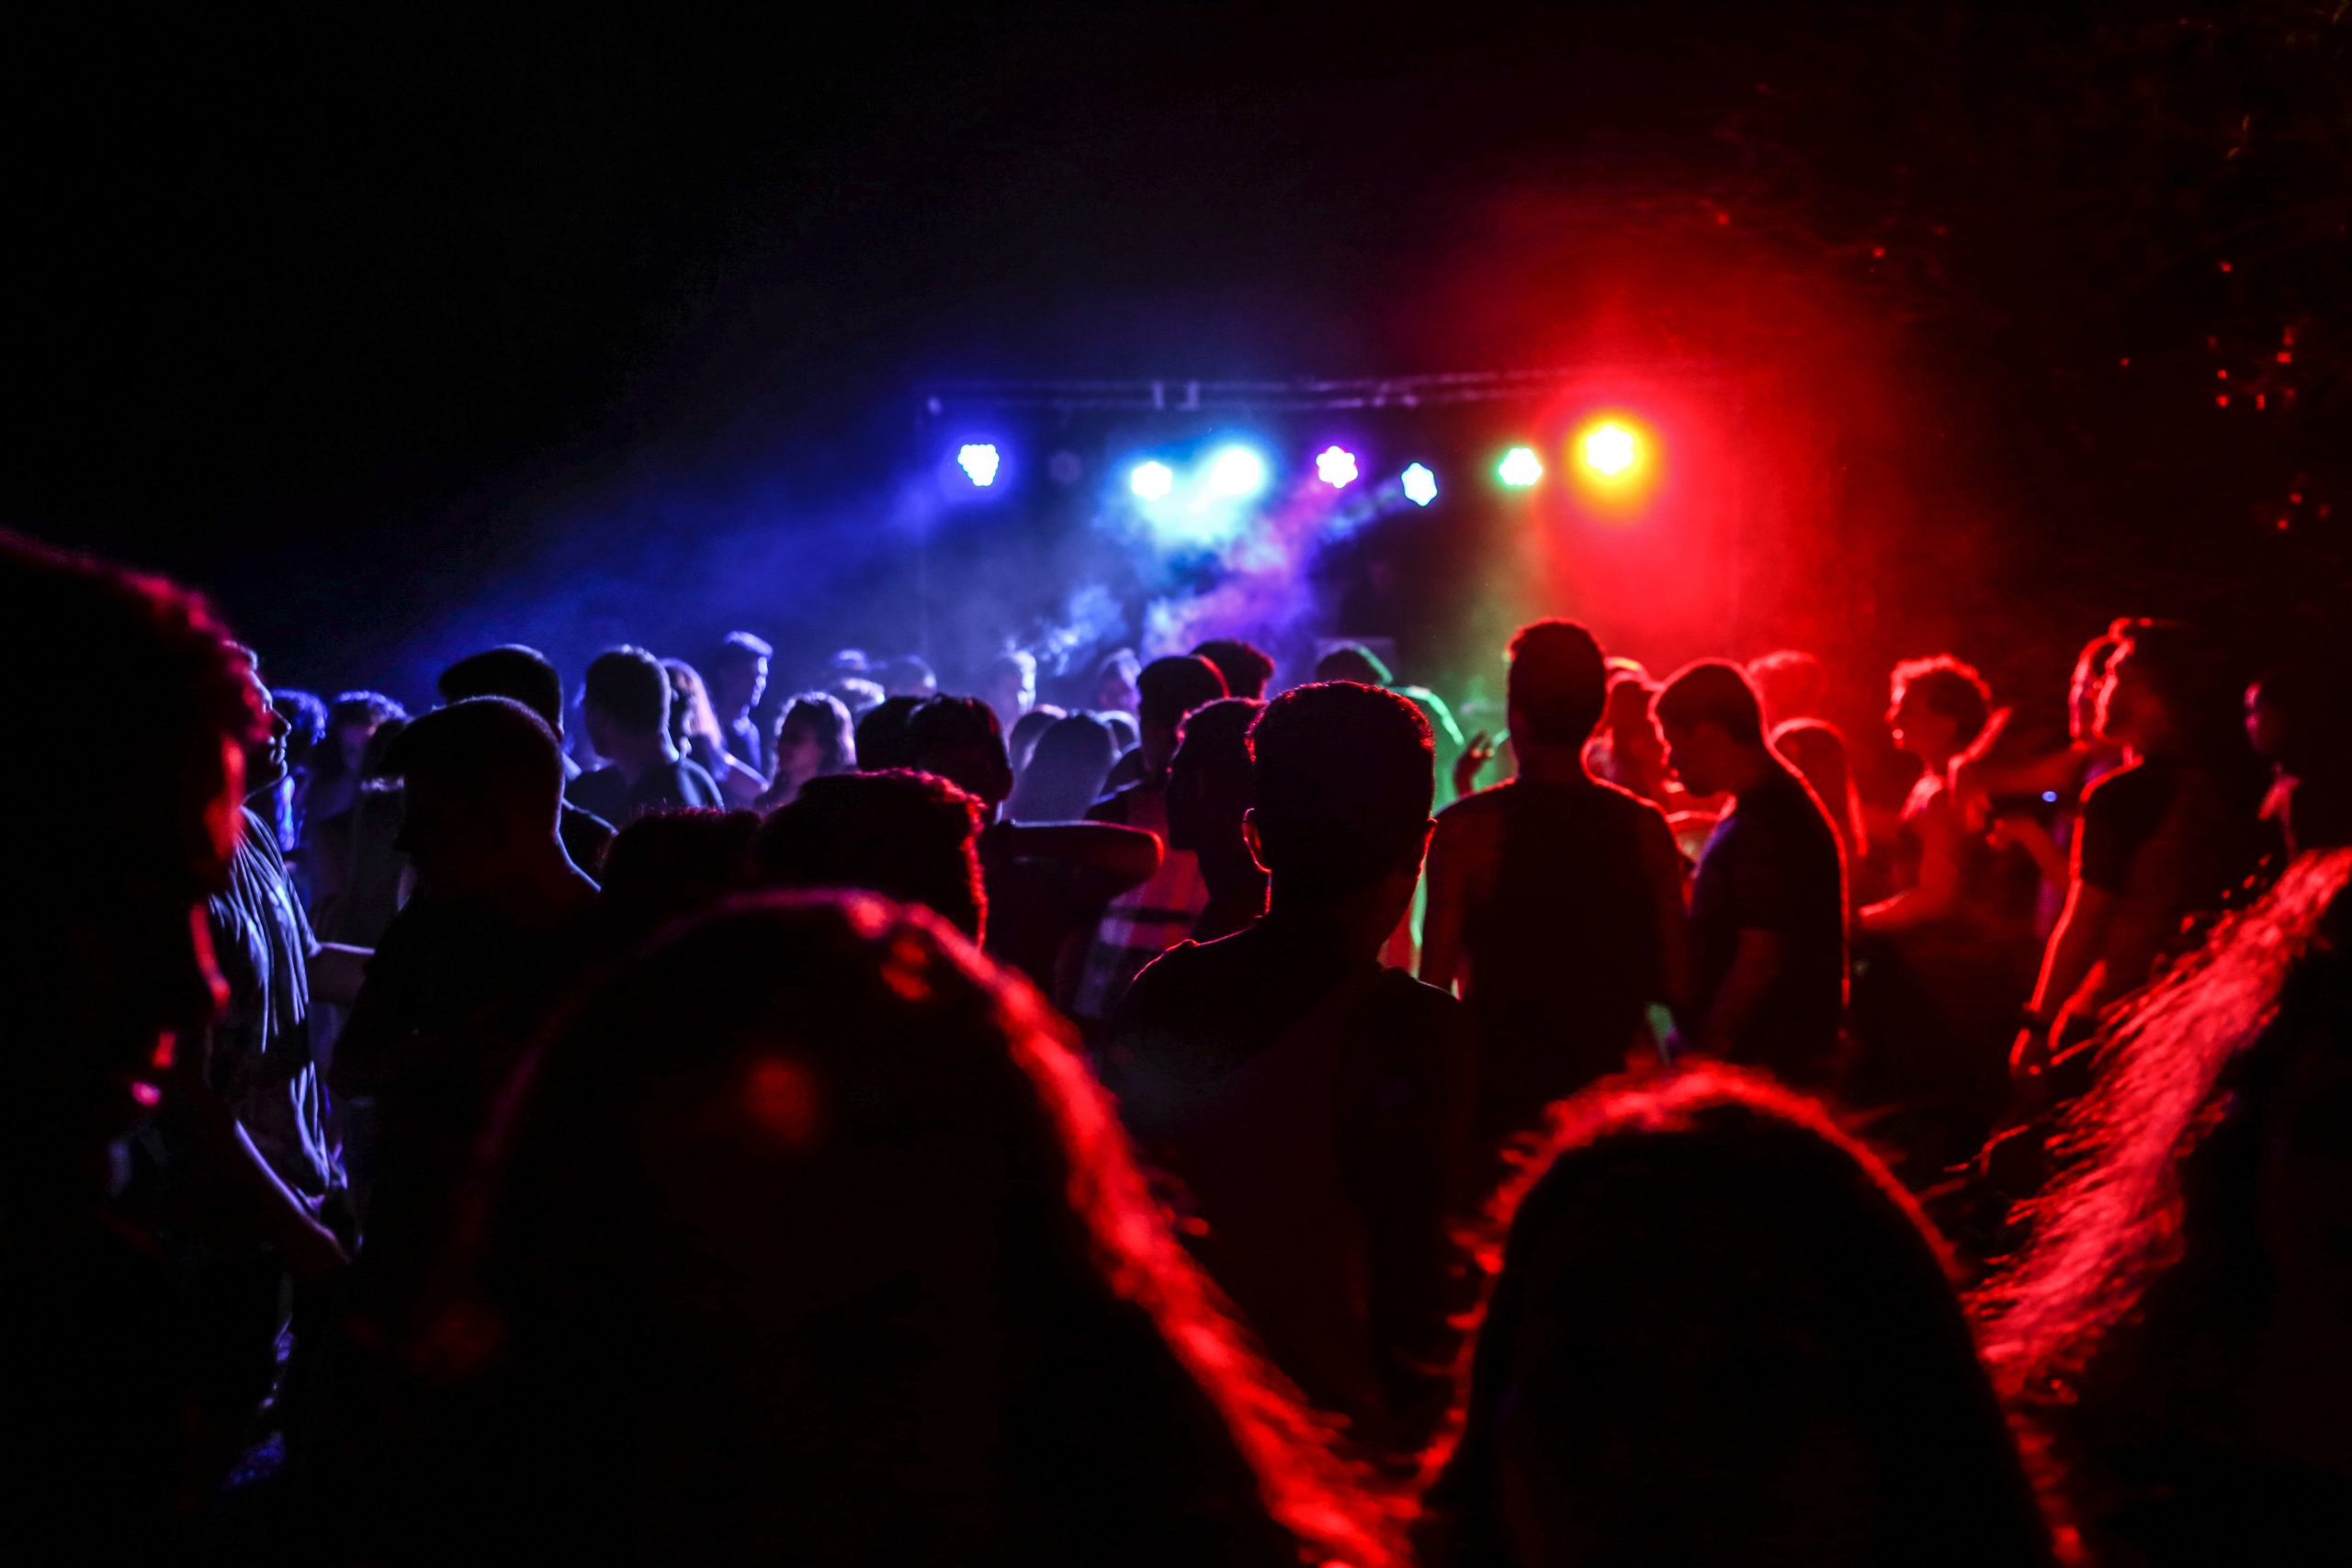 Leute Tanzen in einem Club